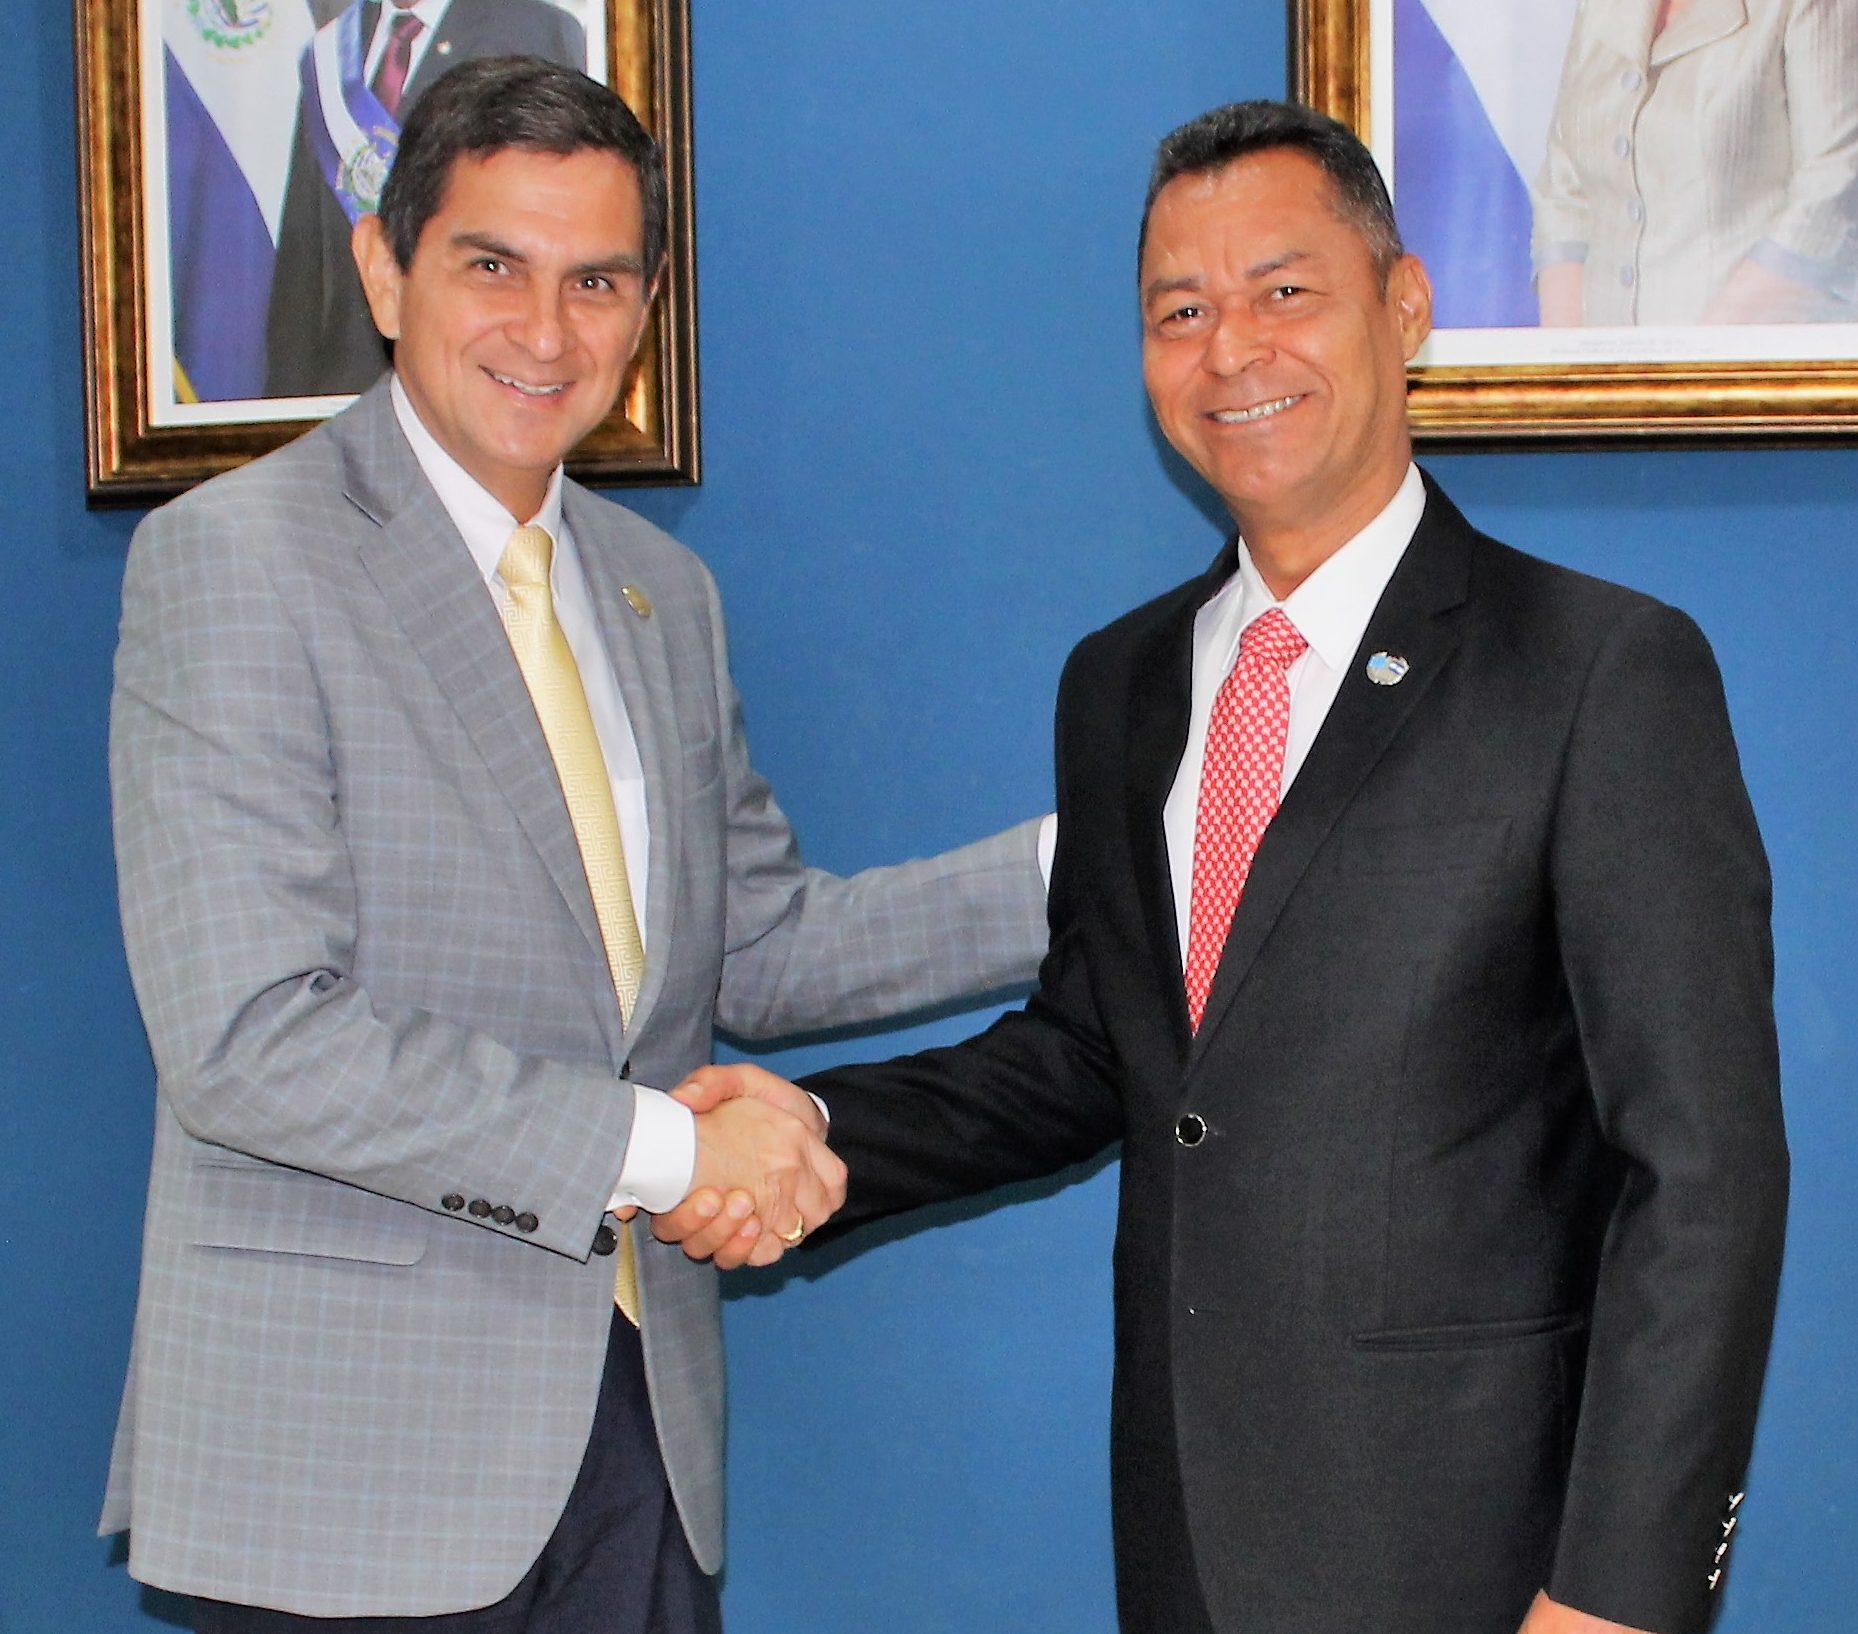 Autoridades de Aviación Civil y Correos de El Salvador se reúnen con el Secretario General de la Unión Postal de las Américas, España y Portugal.